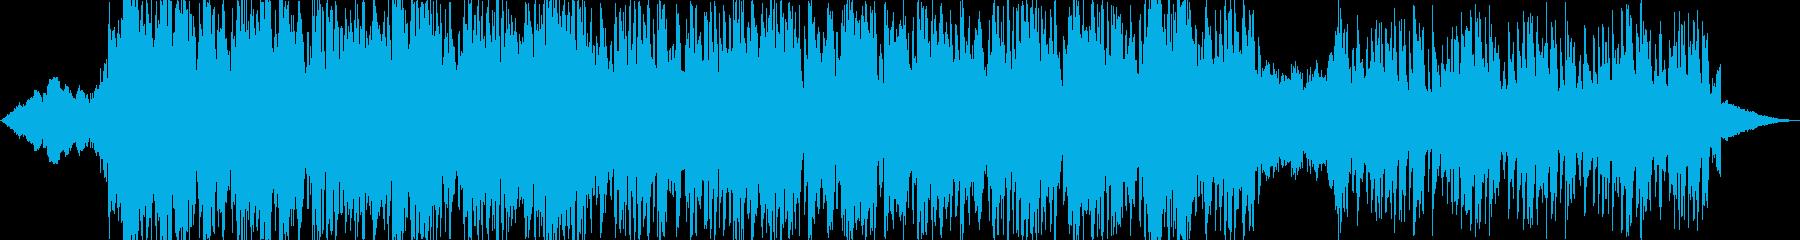 動画 感情的 説明的 静か 楽しげ...の再生済みの波形